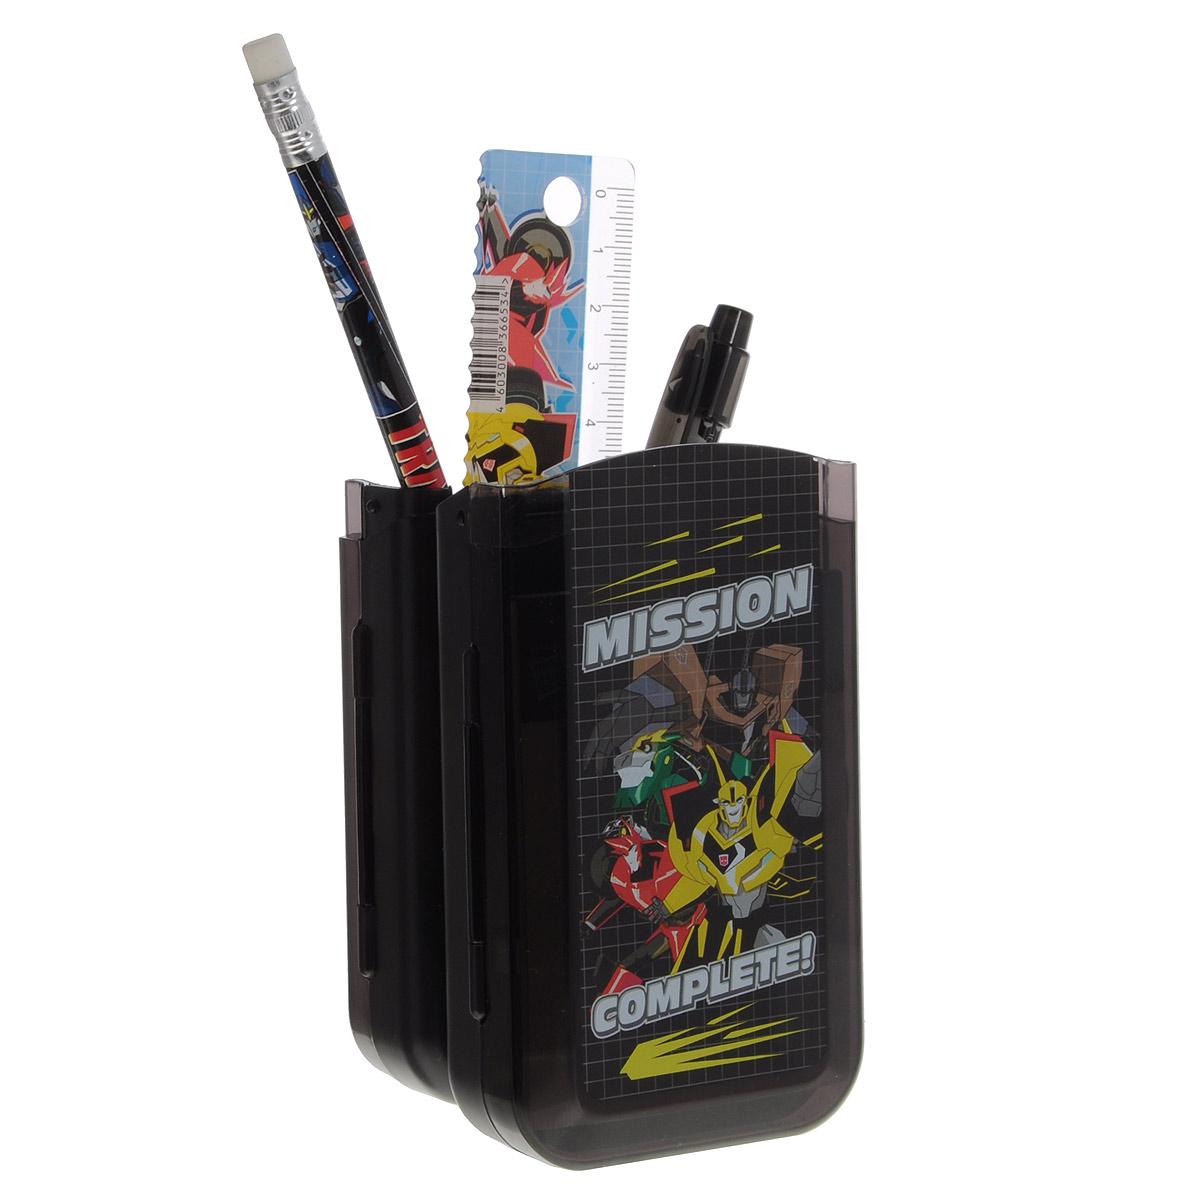 Набор канцелярский Transformers PrimeTRCB-US1-75409-HНабор канцелярский Complete: Transformers Prime станет незаменимым атрибутом в учебе любого школьника. Он включает в себя карандаш ч/г с ластиком, пенал пластиковый складной, линейка прозрачная 15 см, Ручка снабжена прорезиненной вставкой, обеспечивающей надежный и комфортный захват. Подача стержня производится путем нажатия на кнопку в верхней части ручки. Точилка малая, блокнот клеевой, ластик прямоугольный (обернутый бумагой). Все элементы набора оформлены оригинальным изображением трансформера. Такой набор понравится любому мальчику, с ним учеба или творчества станут стильными и увлекательными.